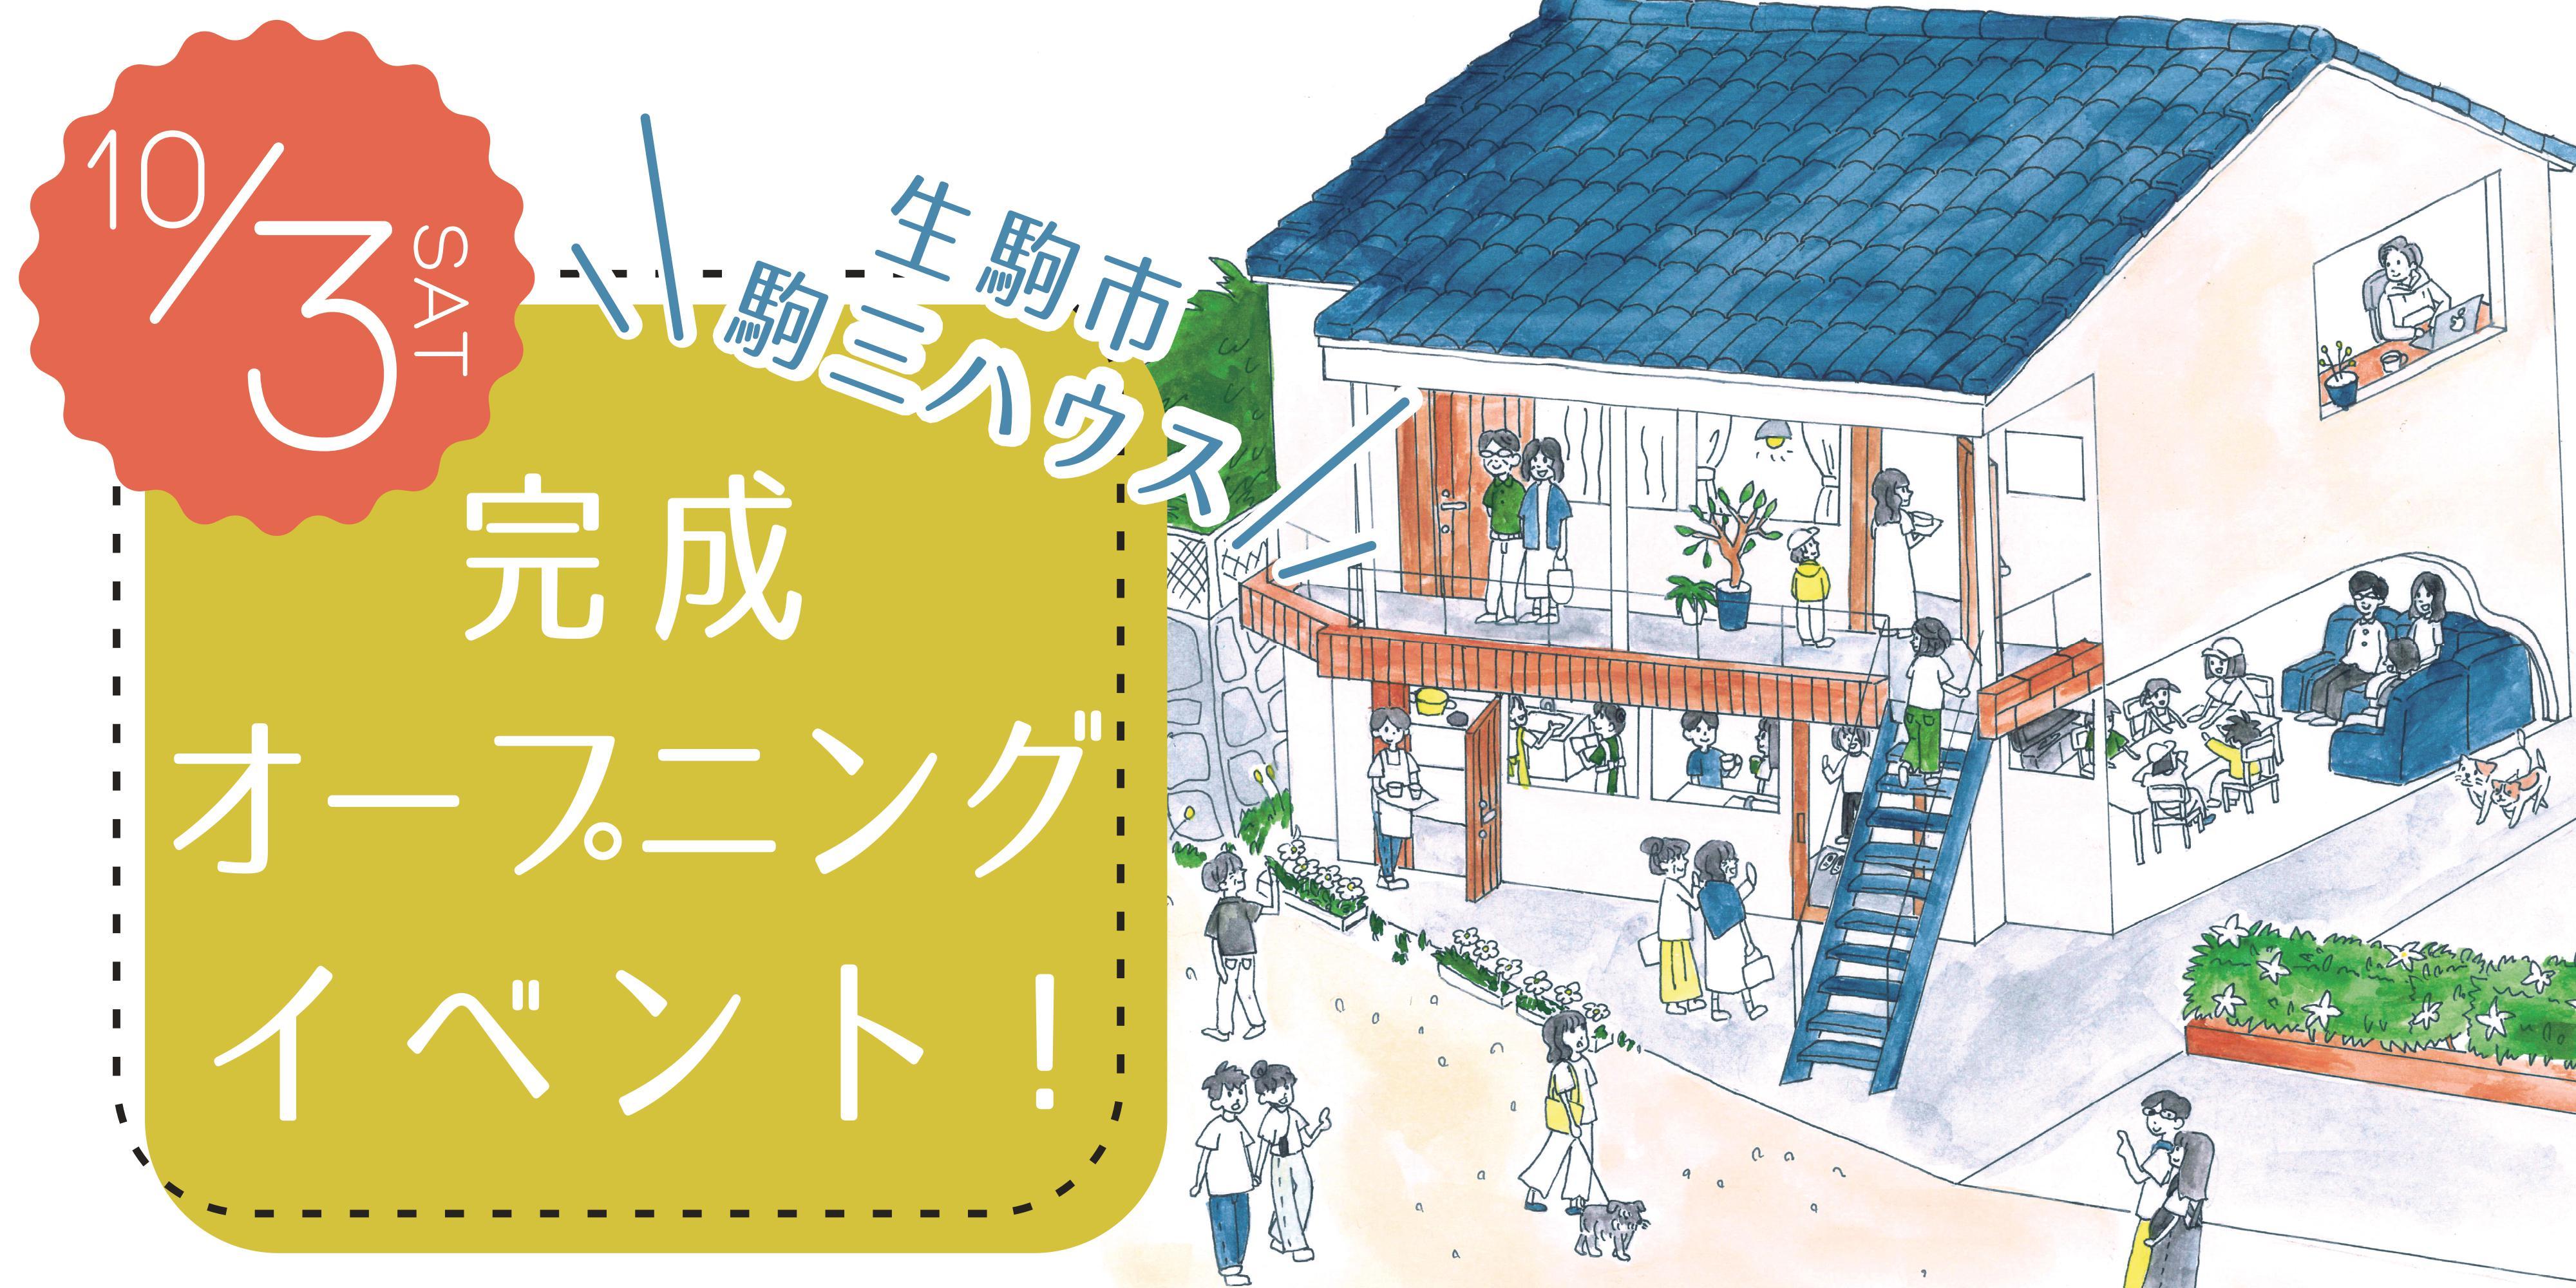 コミュニティスペース付賃貸アパートリノベーション 完成おひろめ会 in 生駒